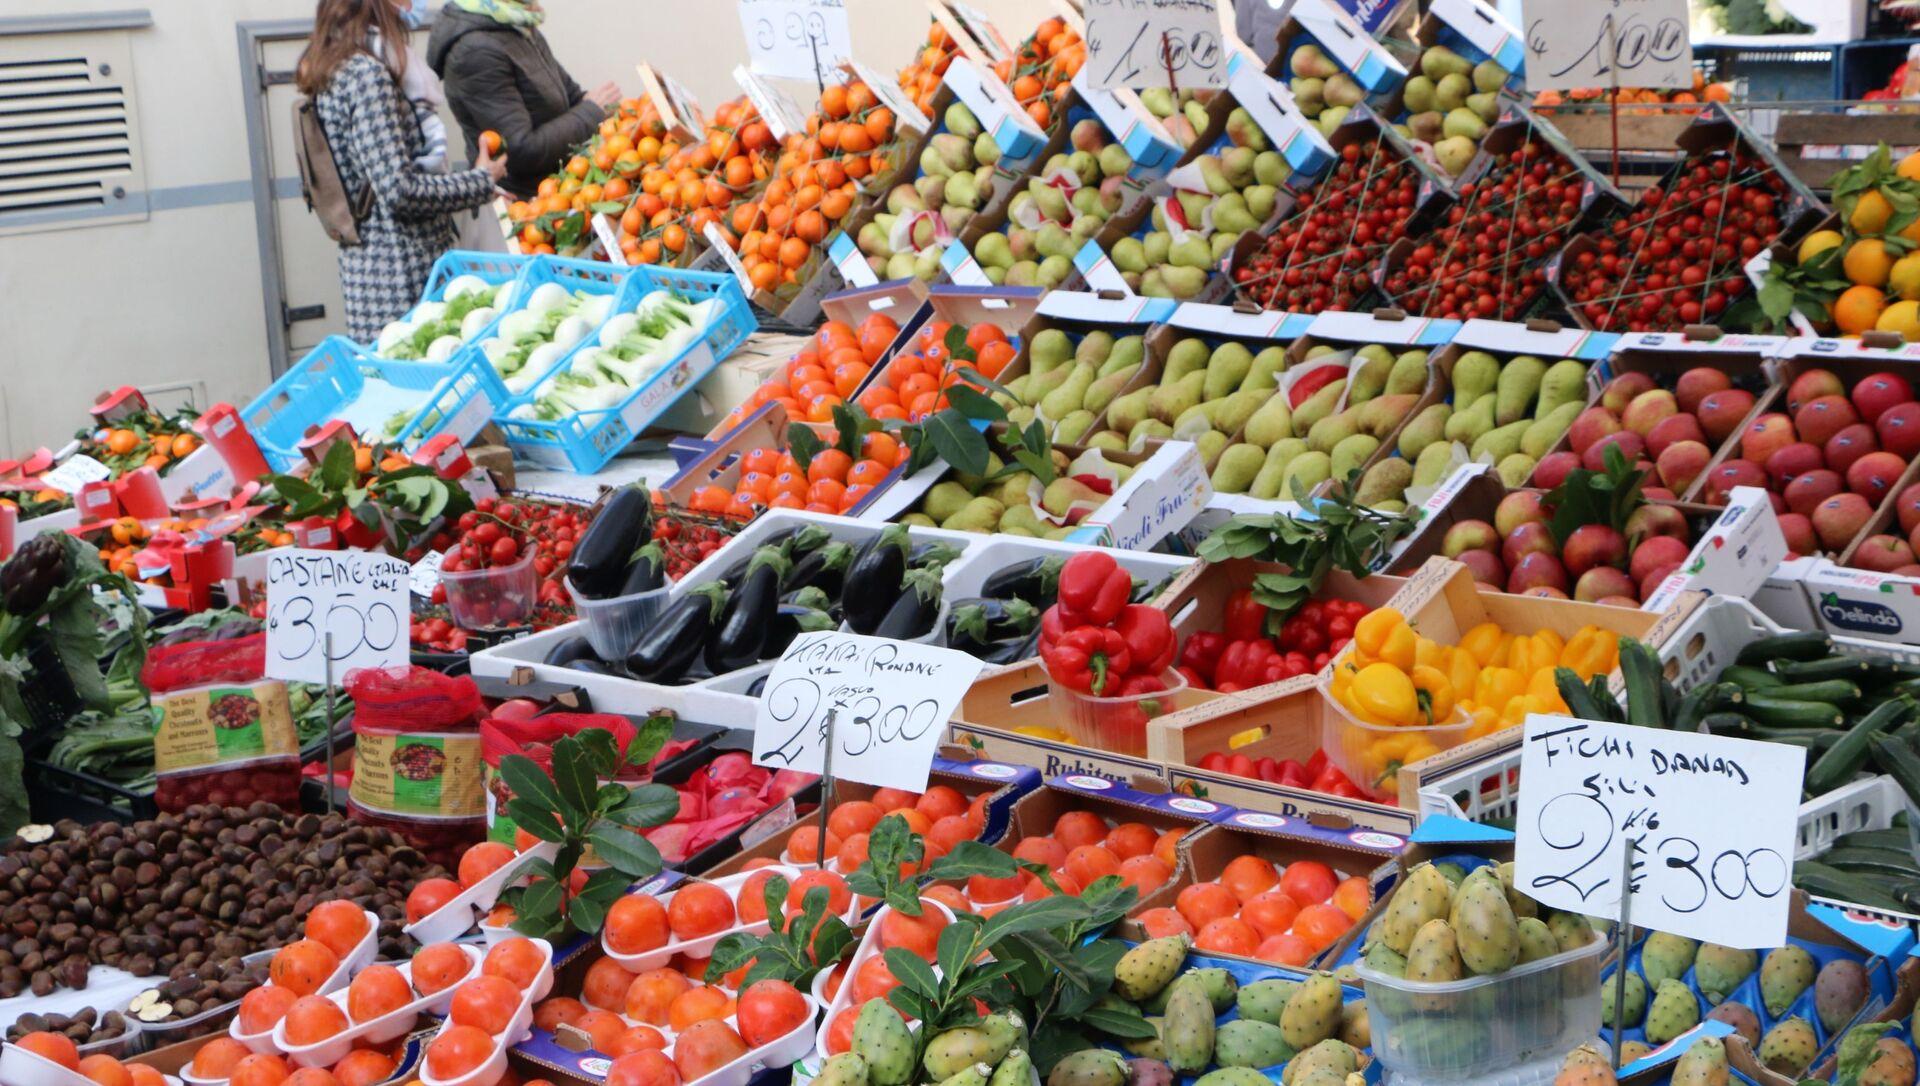 Frutta e verdura - Sputnik Italia, 1920, 03.02.2021